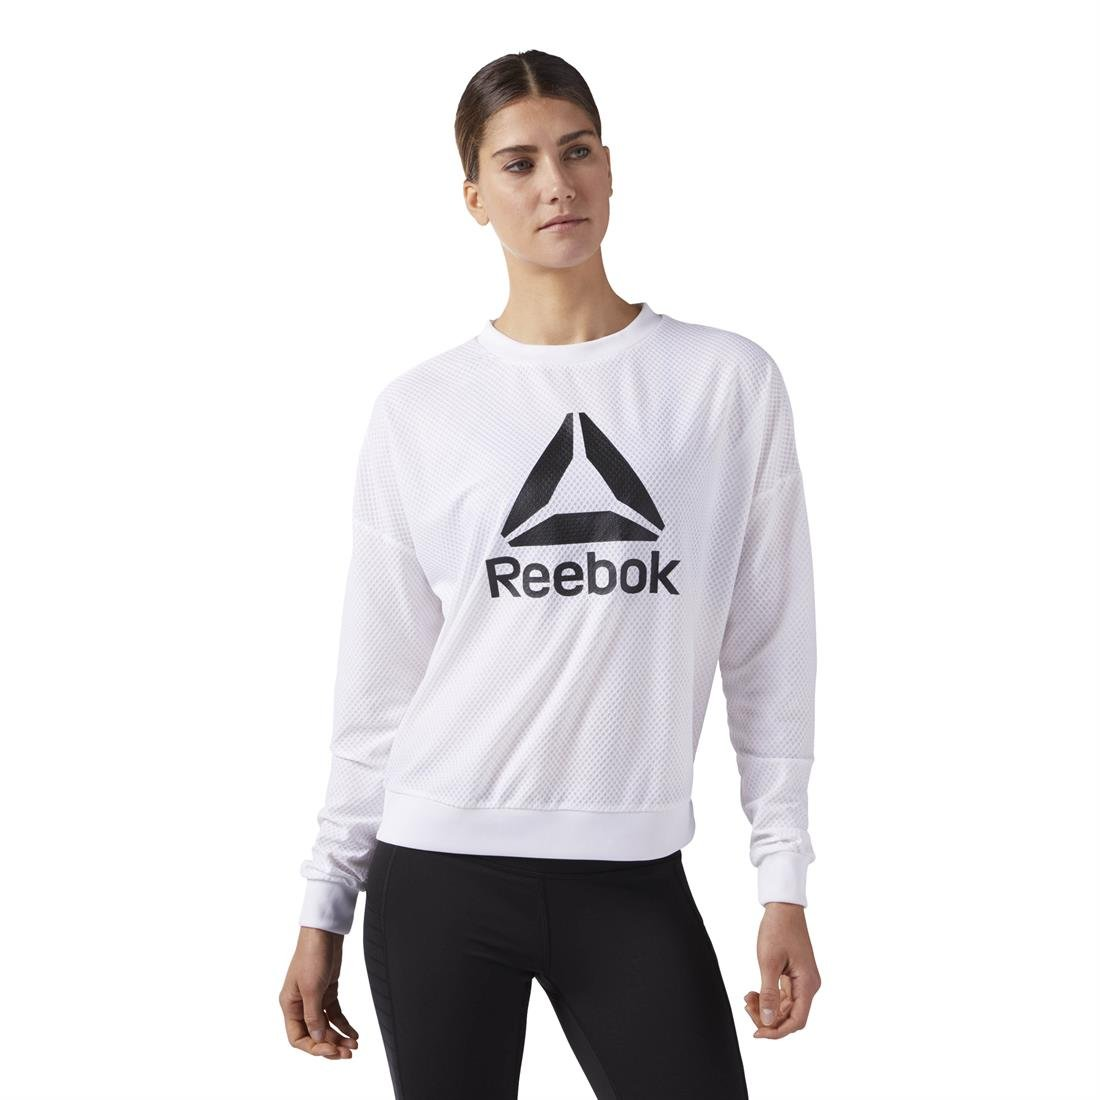 Reebok Wor Mesh Crew Neck Sudadera, Mujer: Amazon.es: Deportes y aire libre